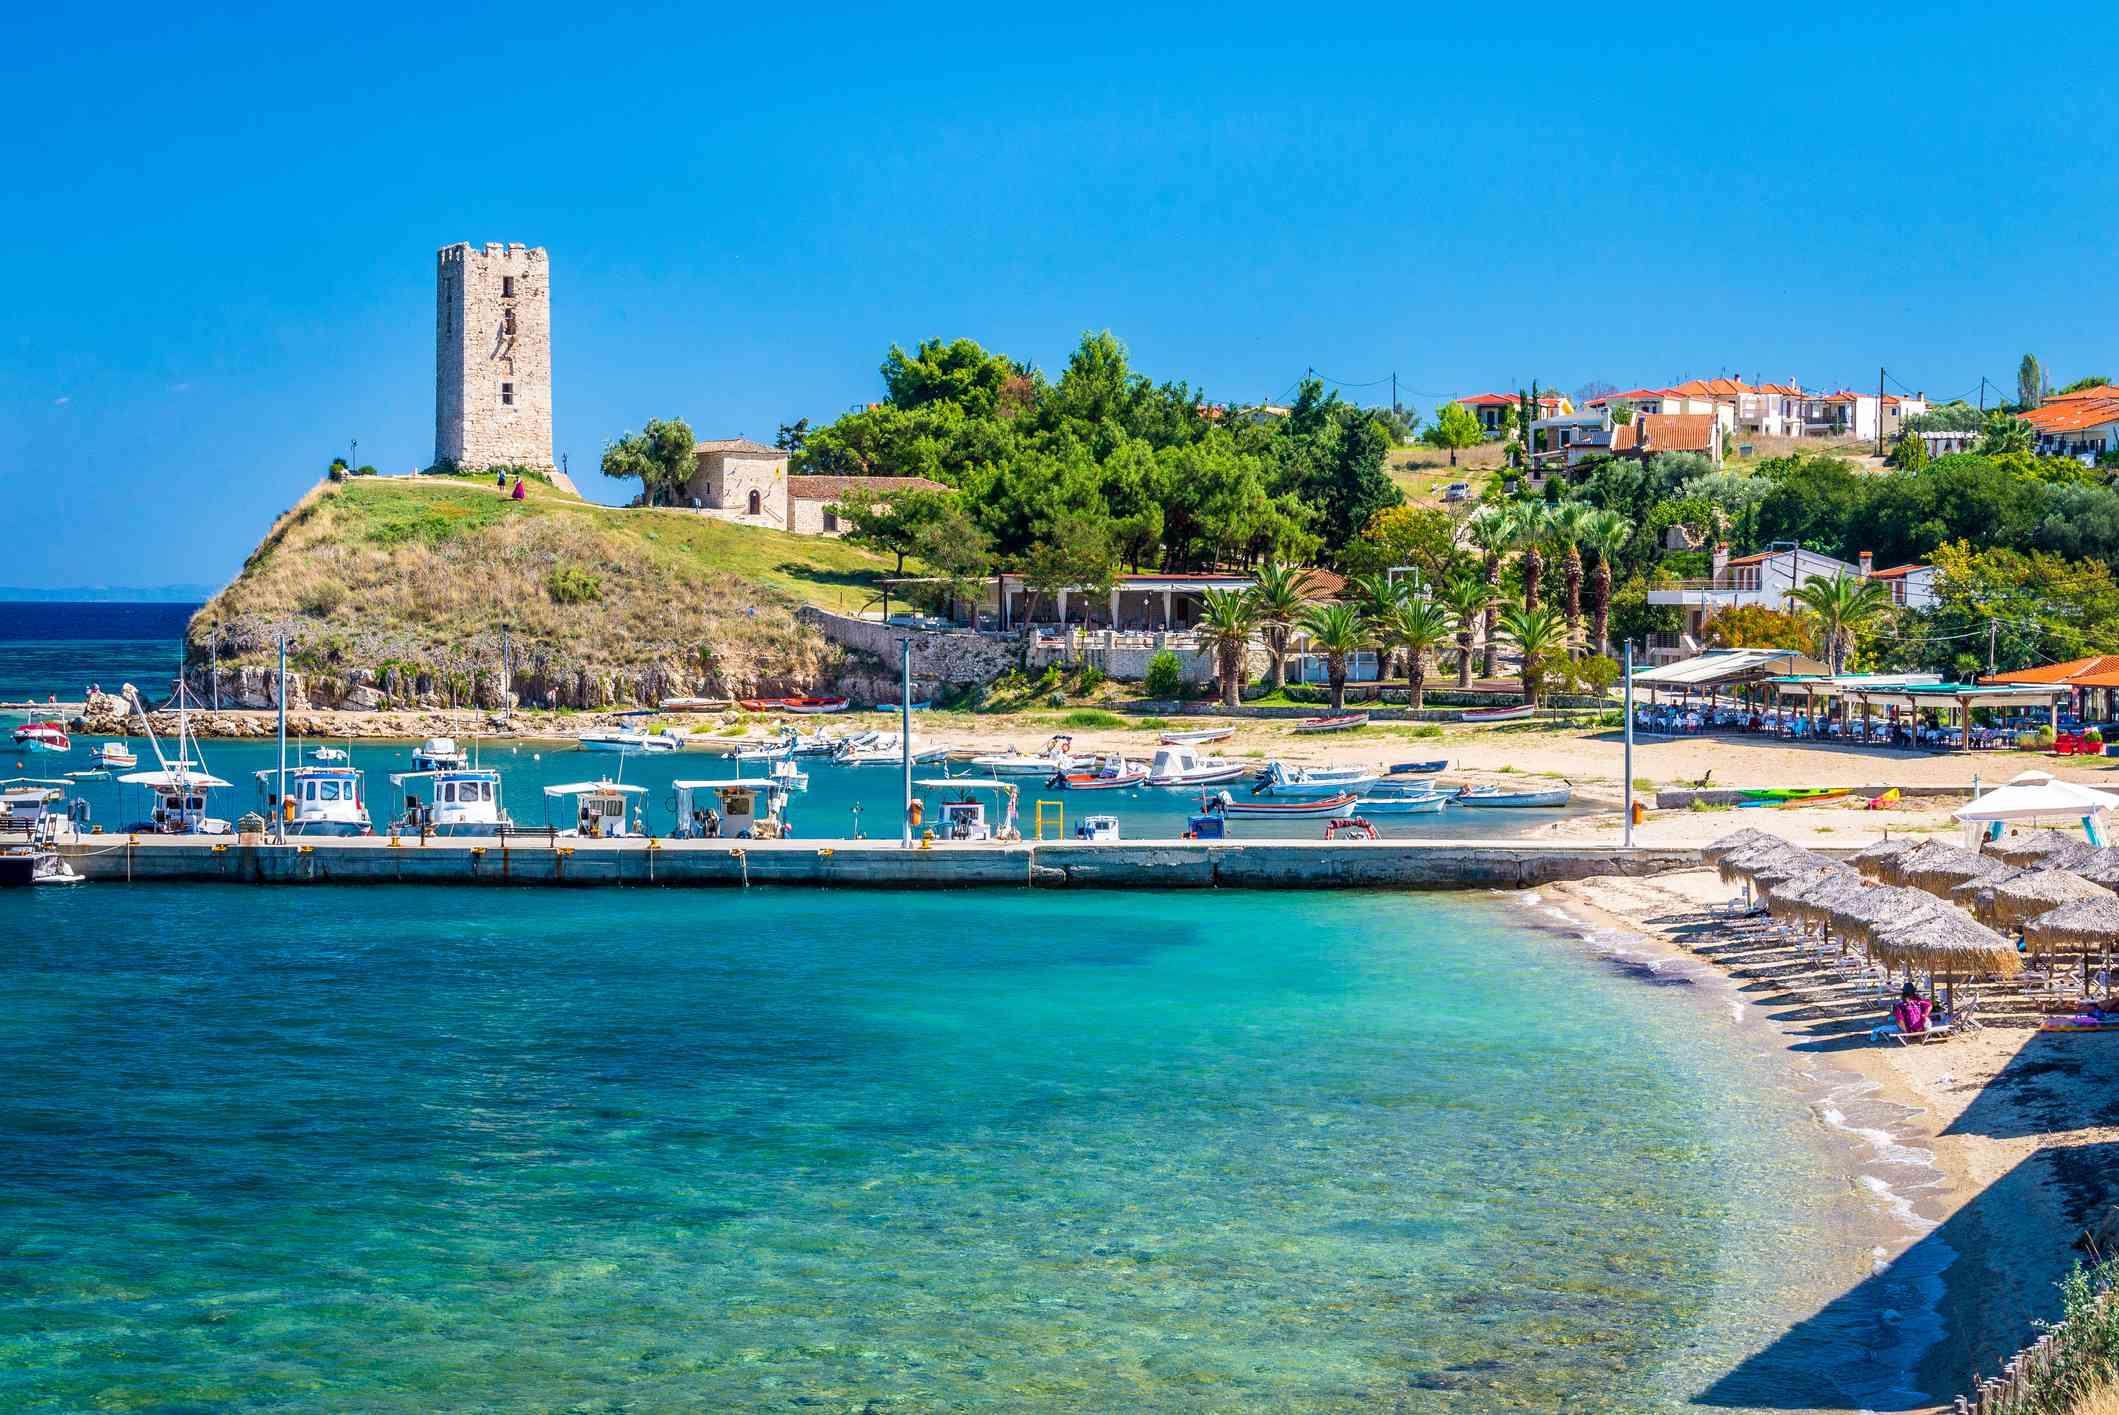 Old tower, pier and beach, Nea Fokea, Kassandra, Halkidiki, Greece